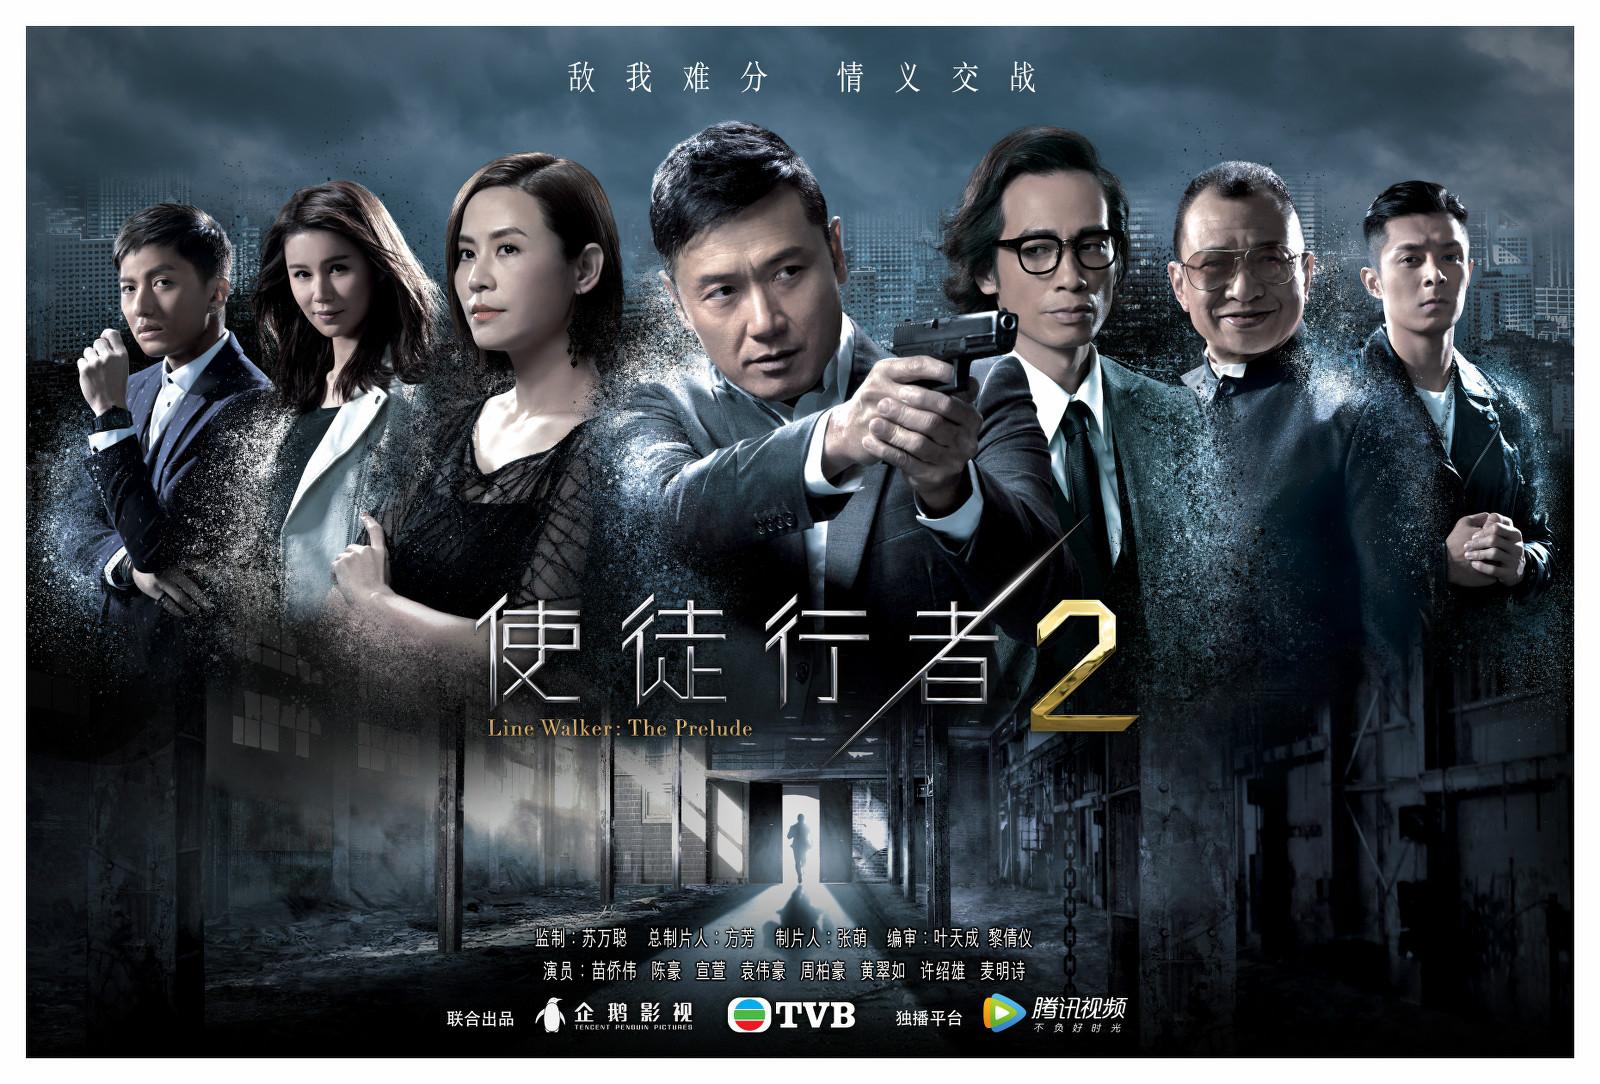 《使徒行者2》:为何在今天我们仍要用内地资本续拍TVB剧